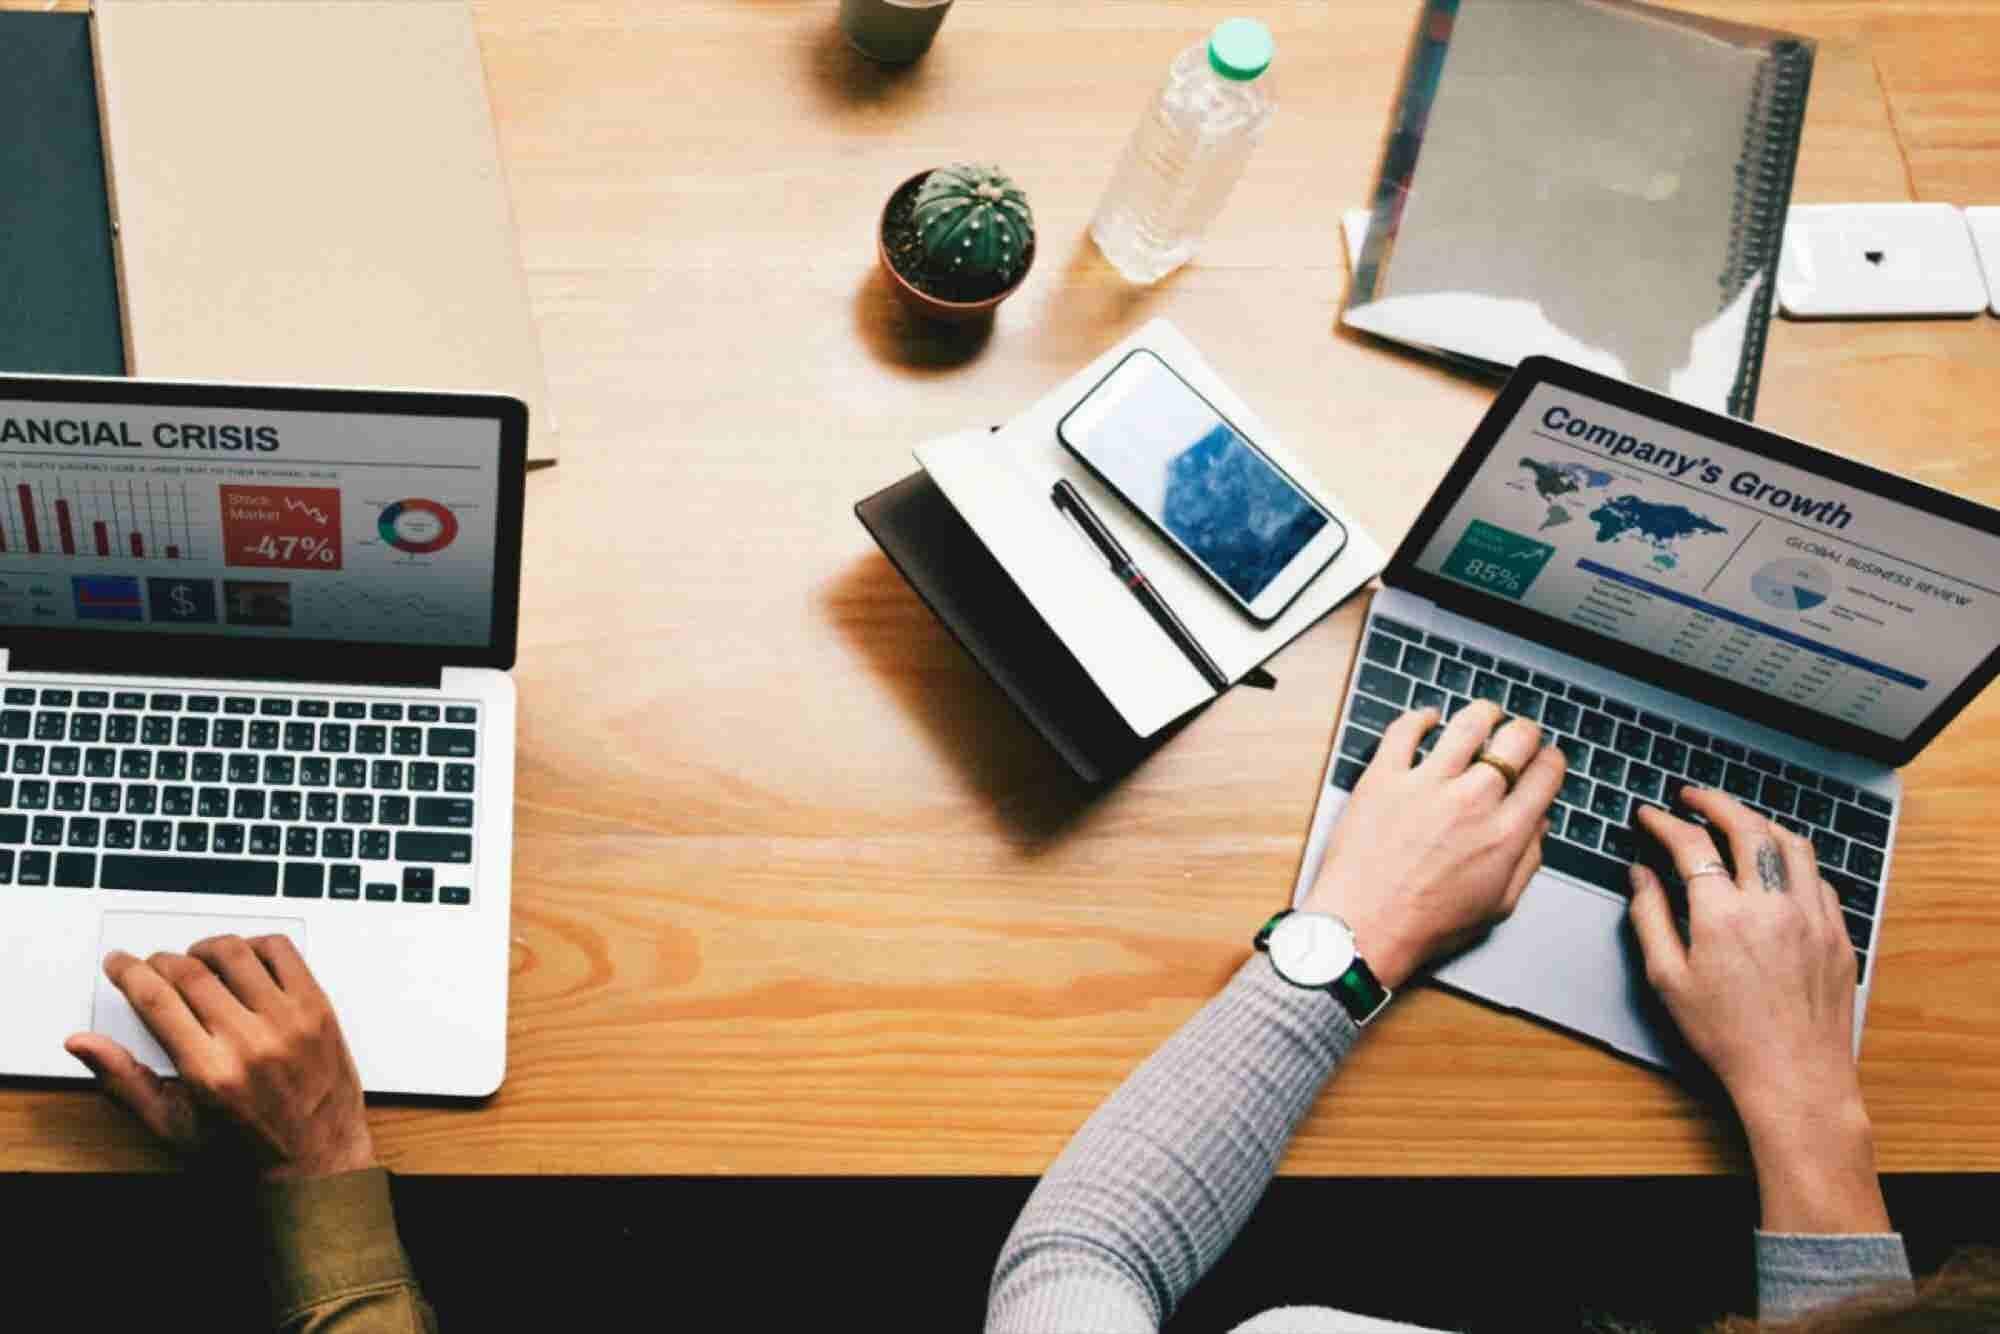 ¿Quieres crecer tu negocio? Hazlo sin estresarte con estos 4 tips